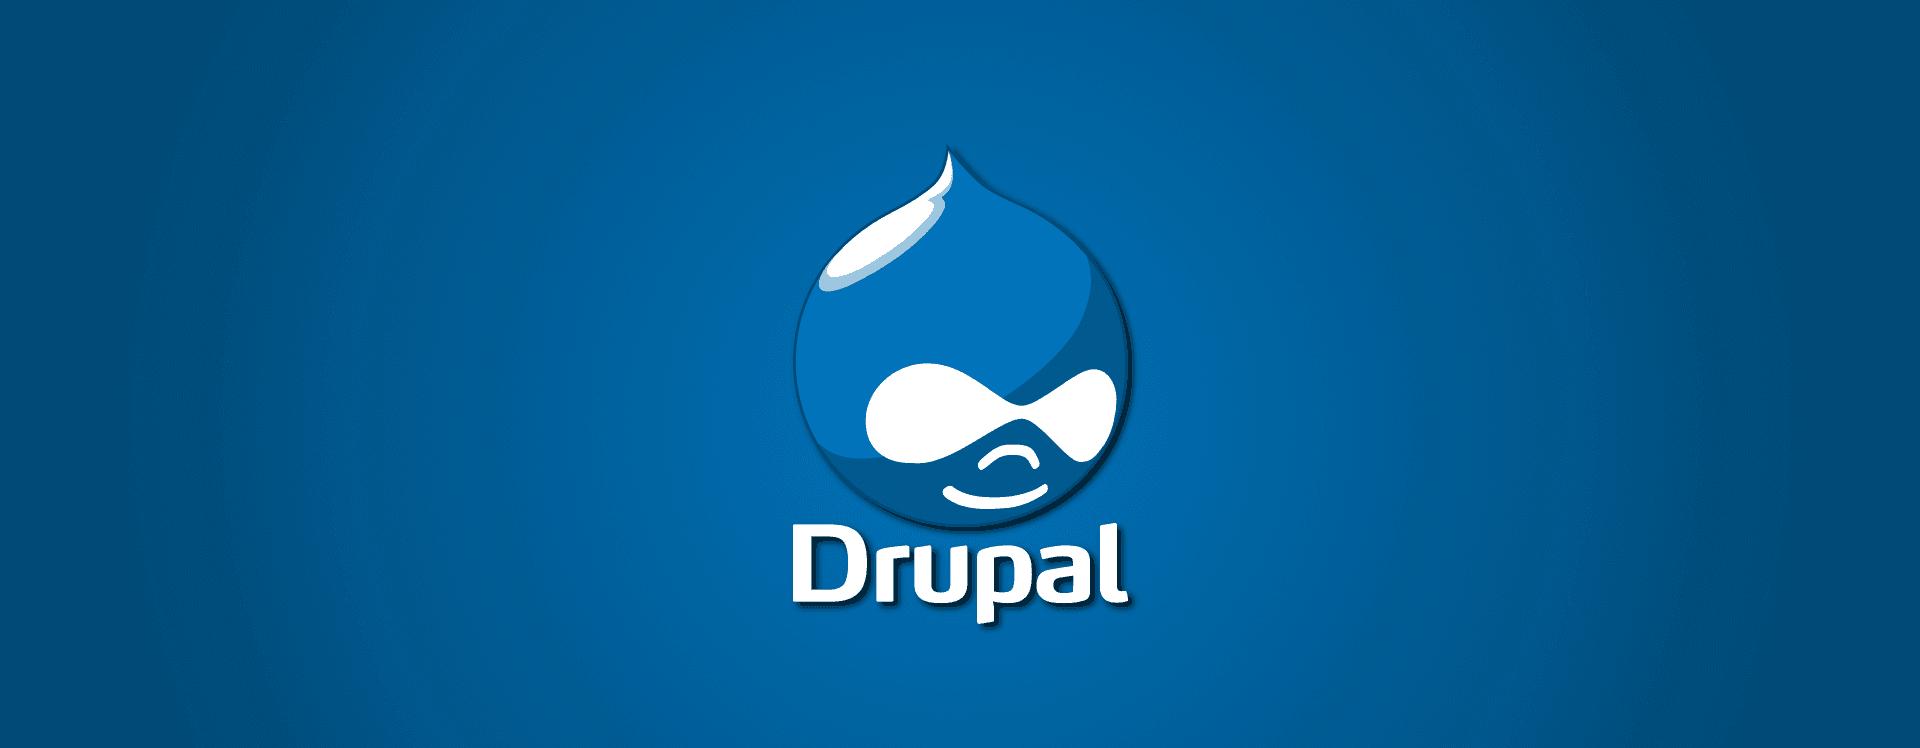 Drupal-logo-e1479392053694